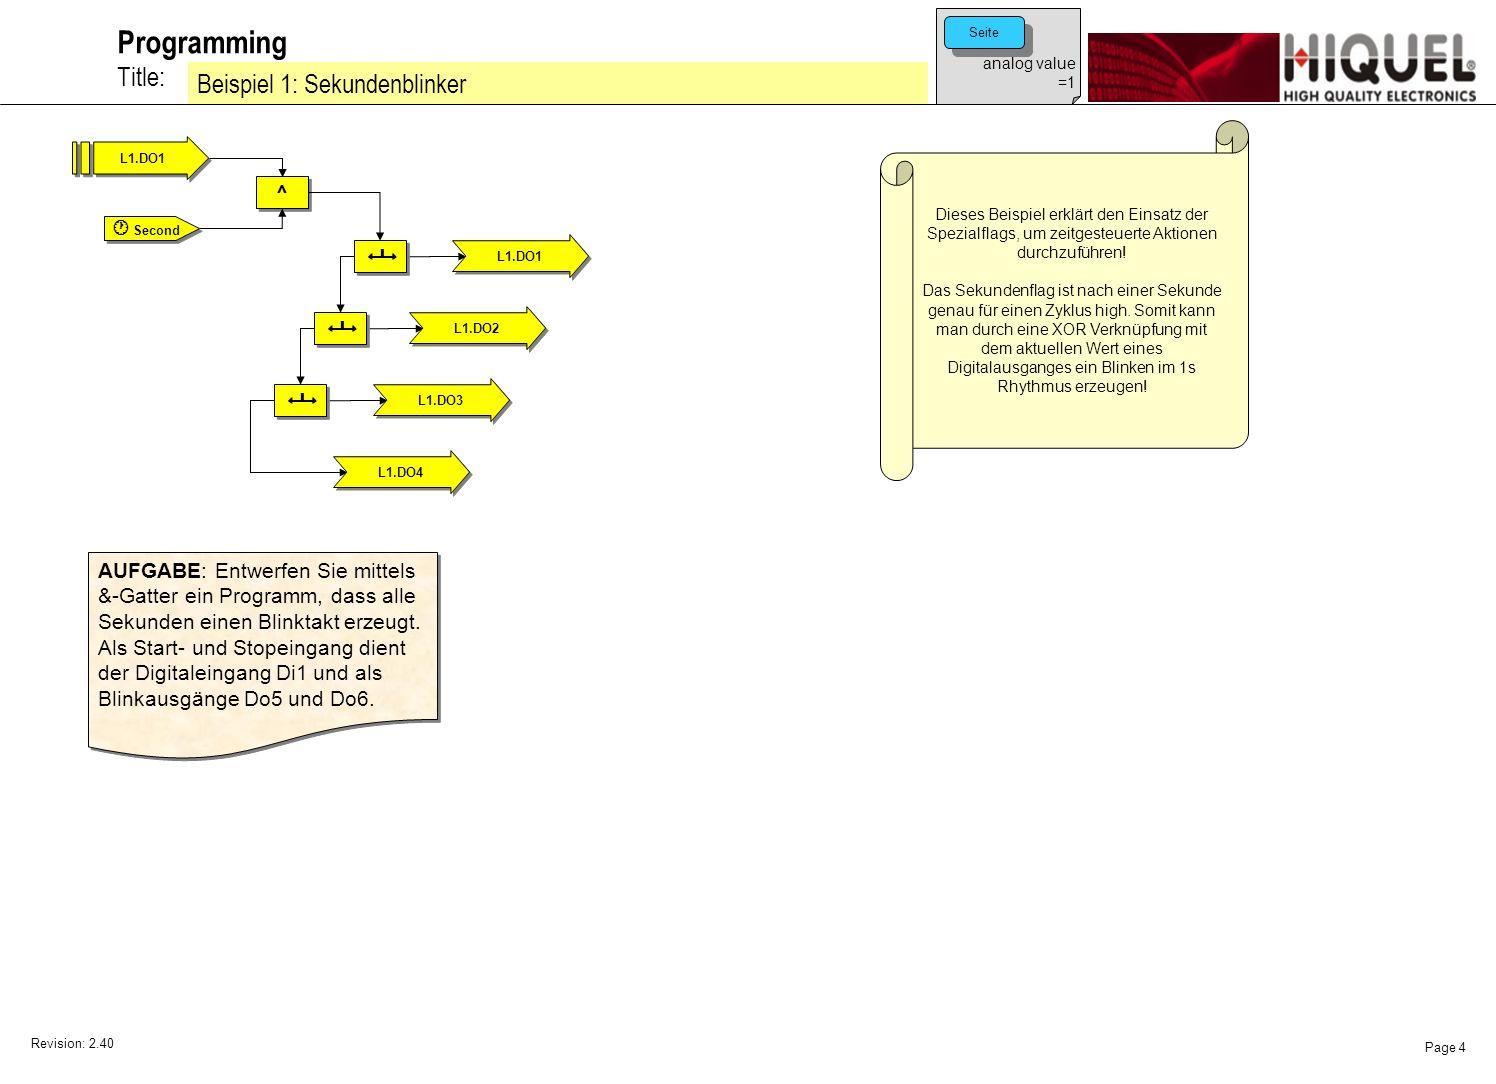 Revision: 2.40 Page 5 Title: Programming Beispiel 2: Sekundenblinker Dieses Beispiel erklärt den Einsatz der Spezialflags, um zeitgesteuerte Aktionen durchzuführen.